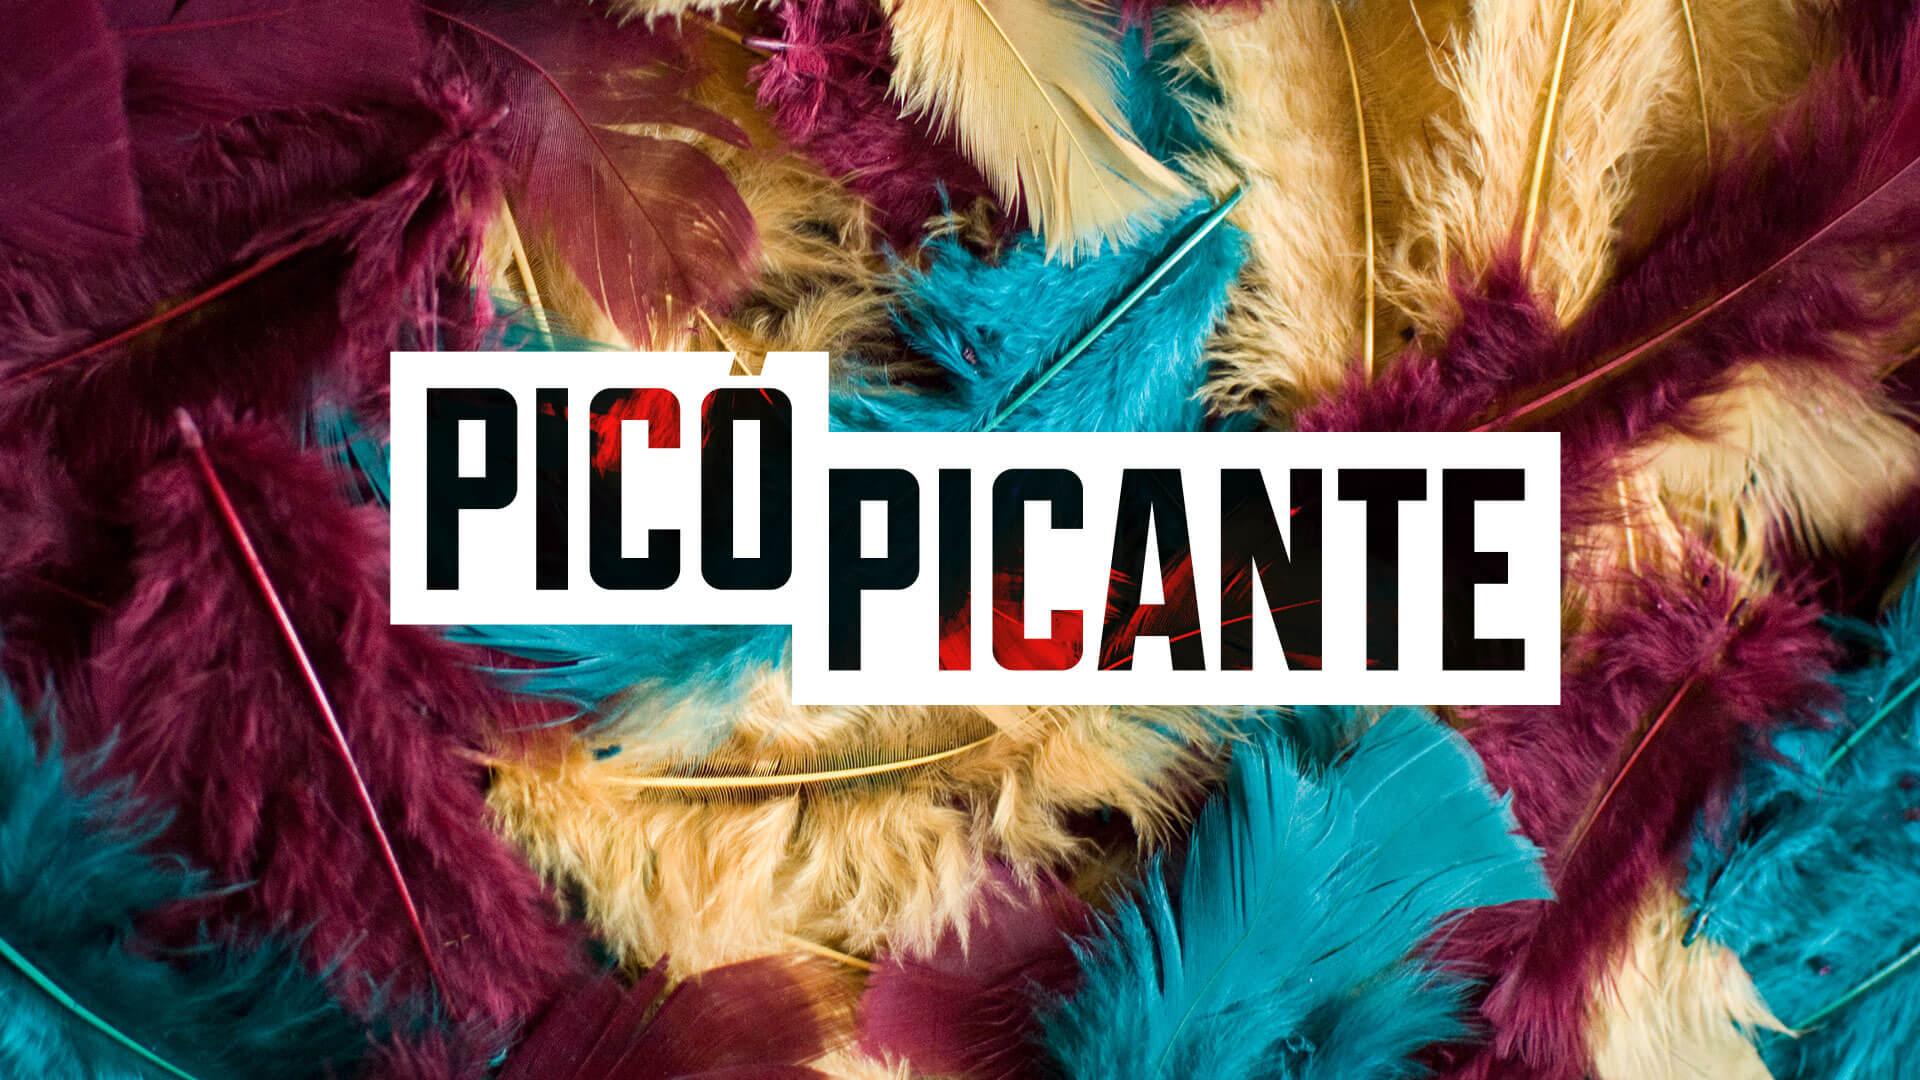 studio-malagon-pico-picante-brand-feather